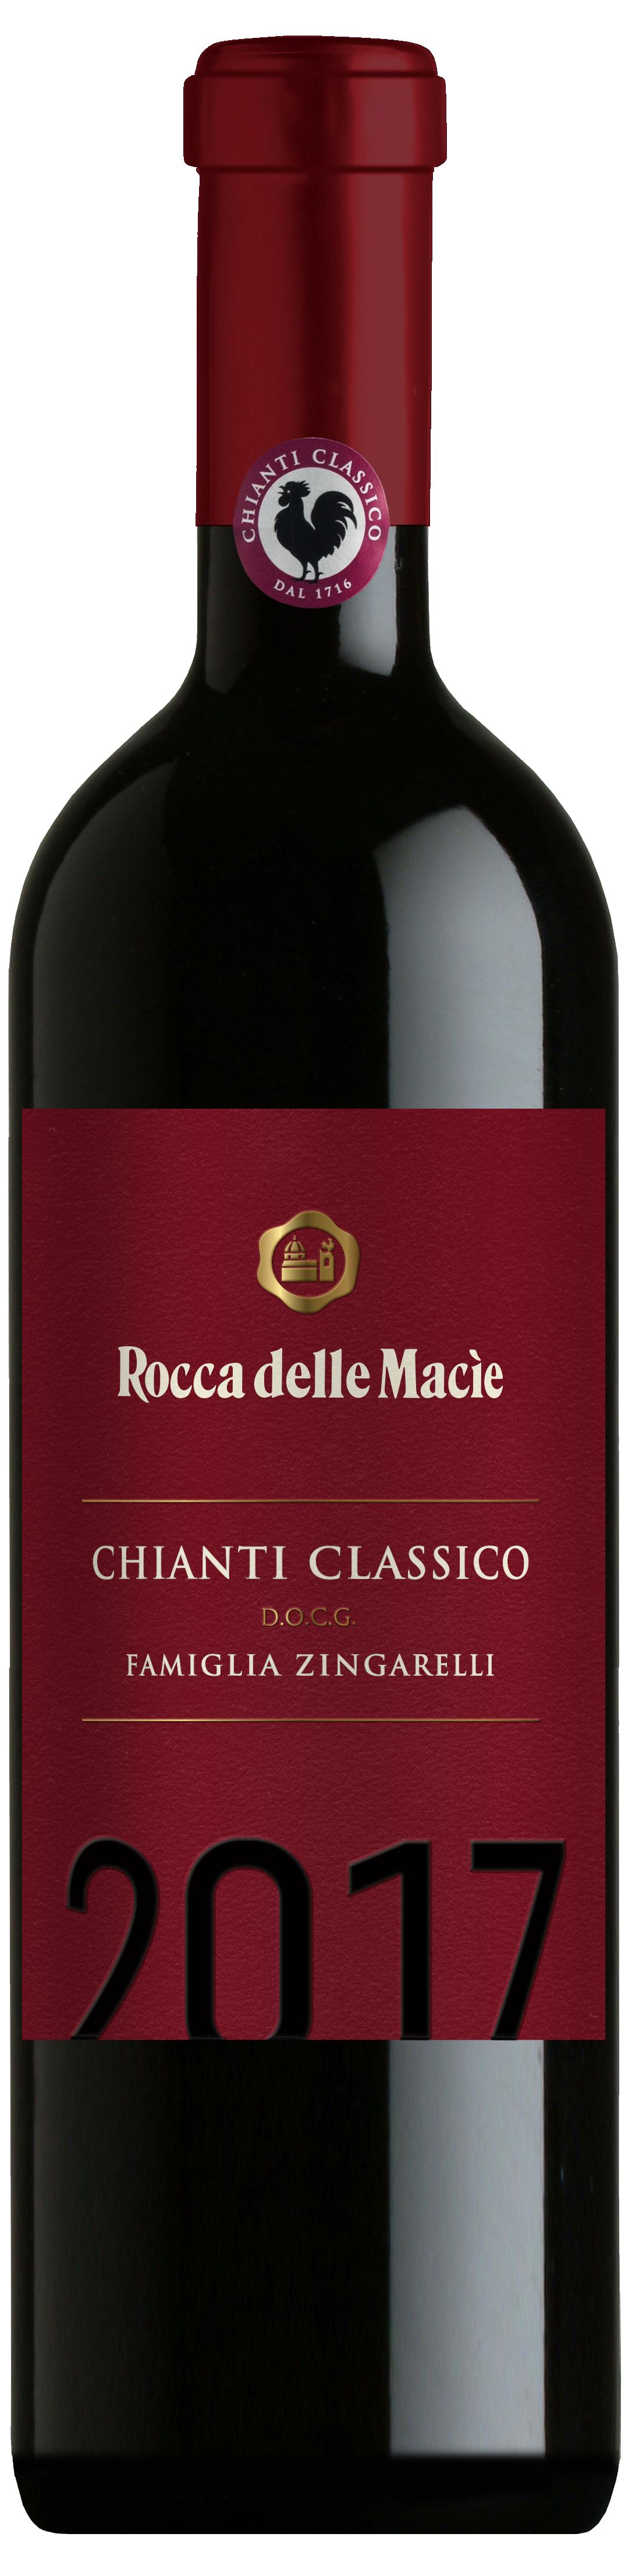 Rocca delle Macie Chianti classico DOCG